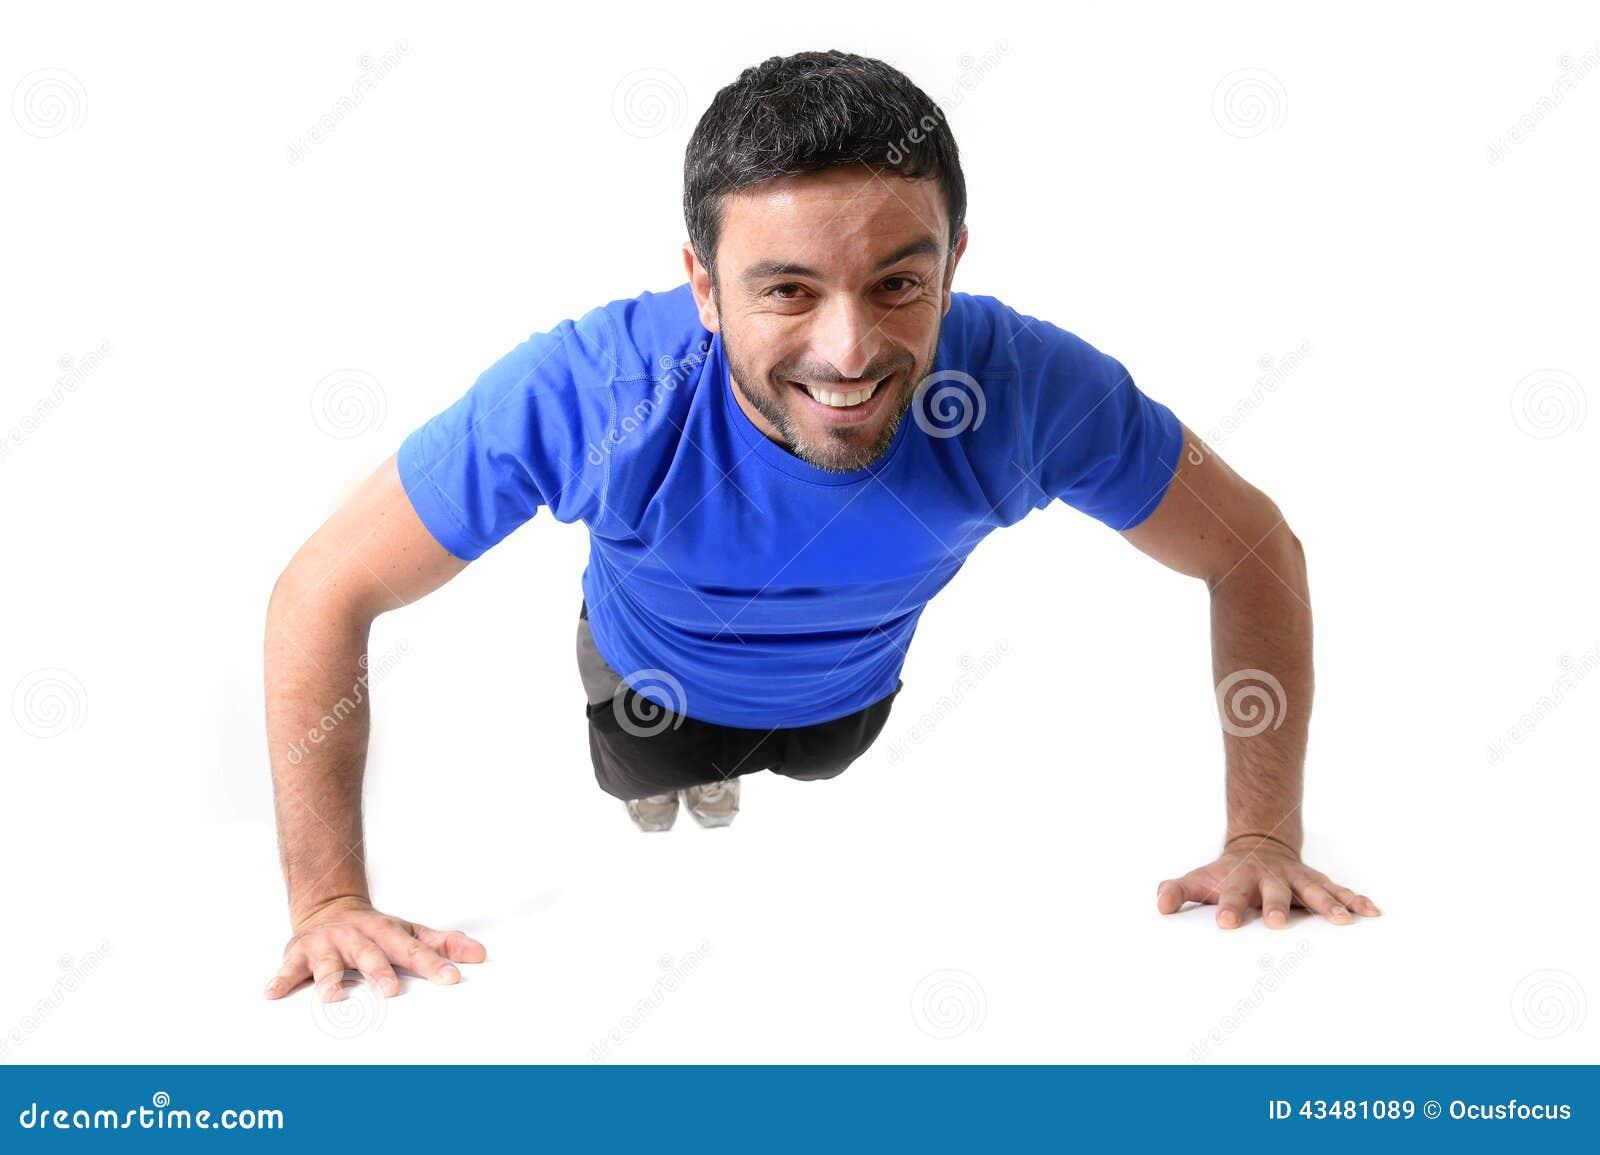 Ελκυστική ώθηση κατάρτισης αθλητών επάνω στην άσκηση που απομονώνεται στο λευκό